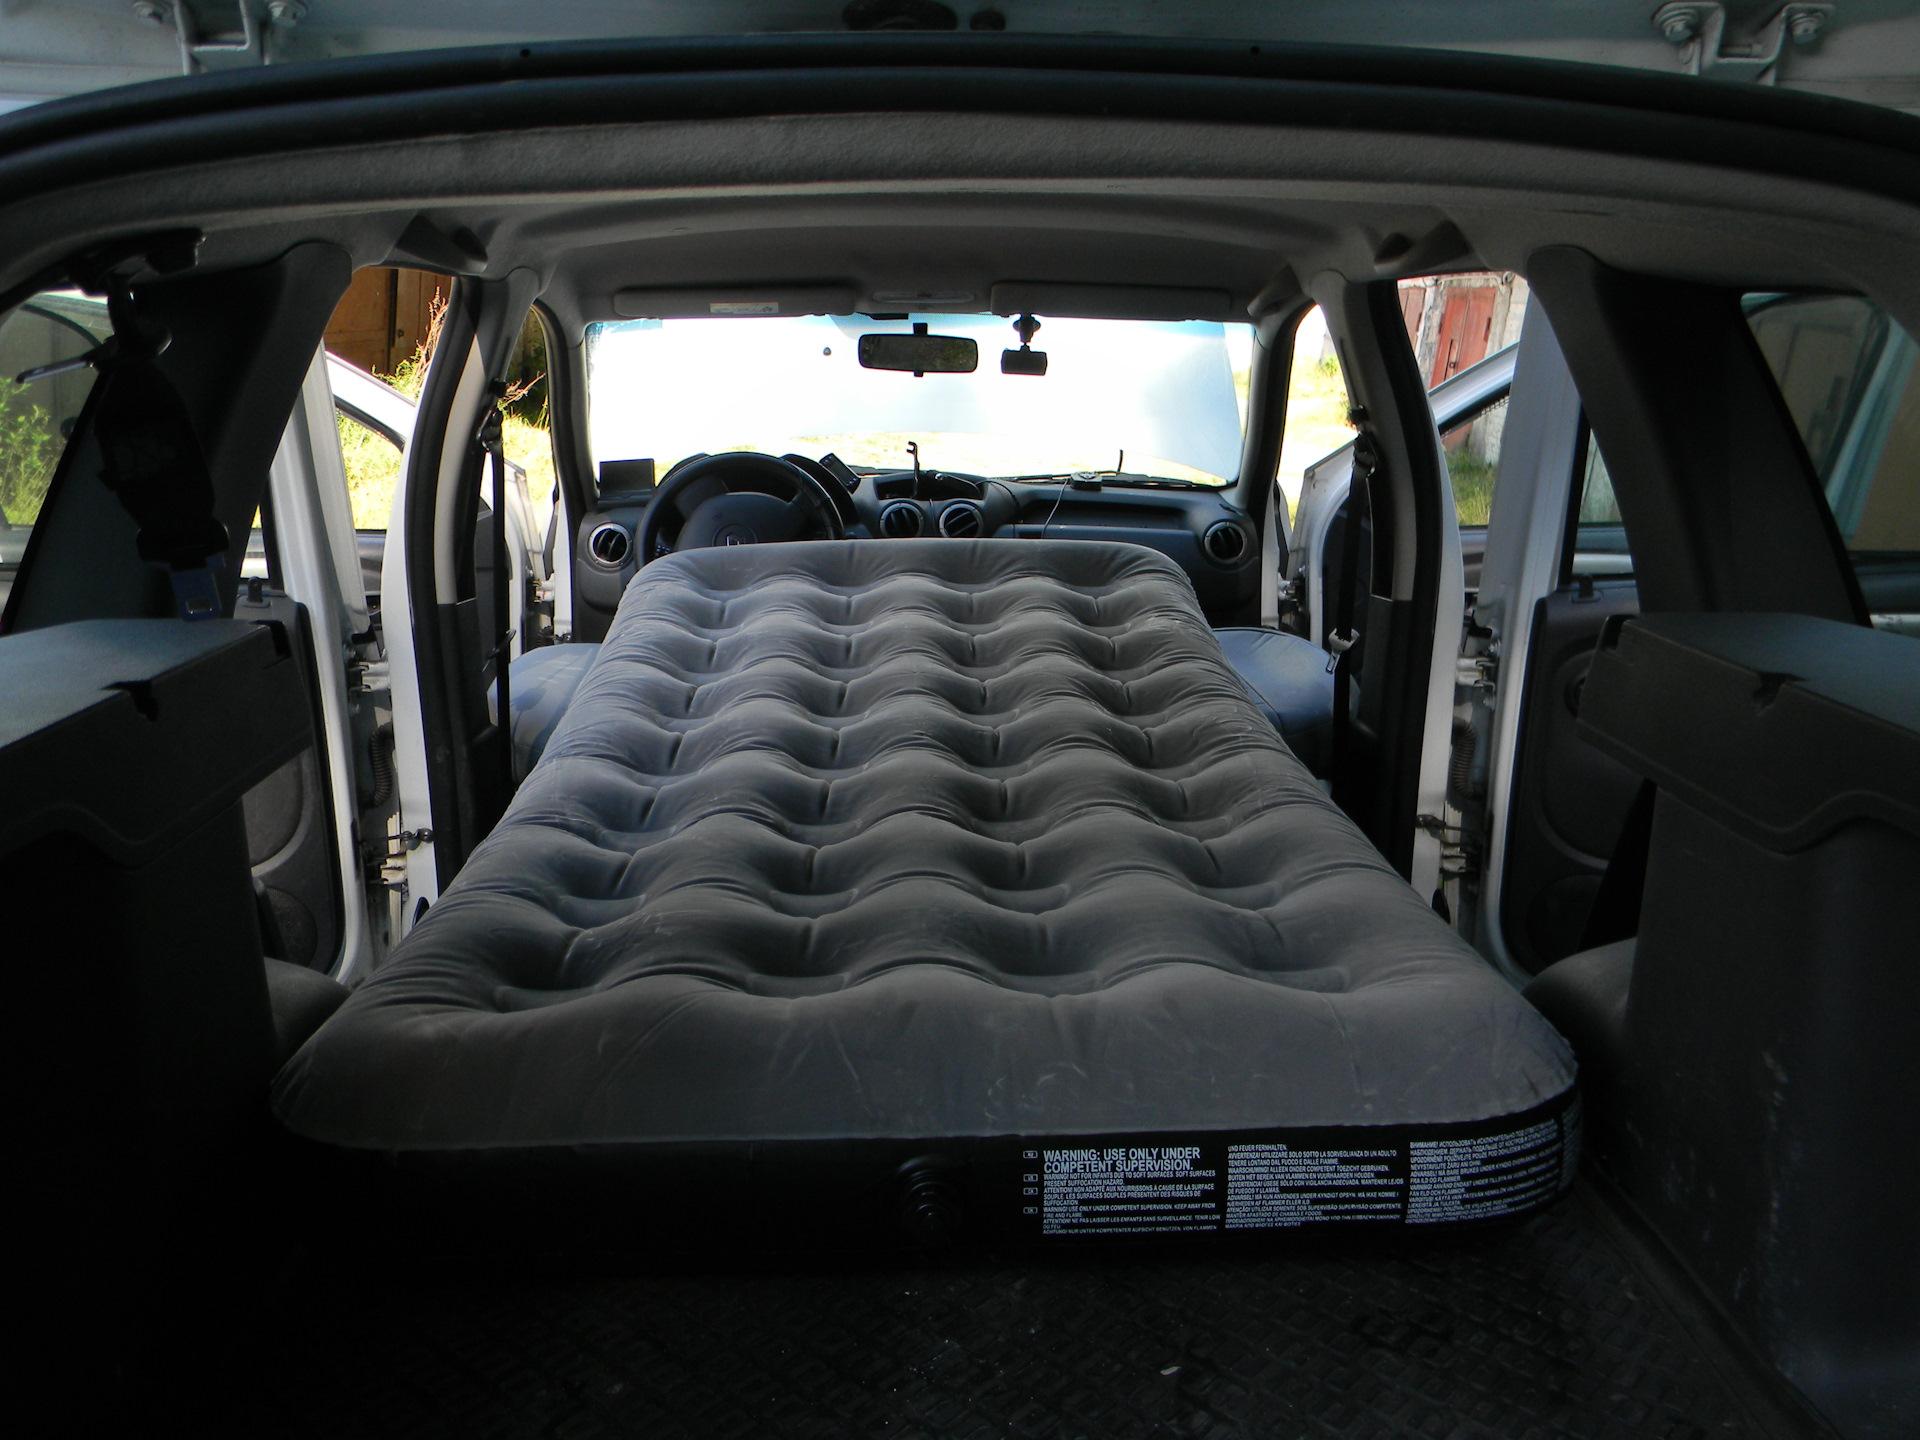 усадьбе располагались спальное место в машине фото каждый производитель